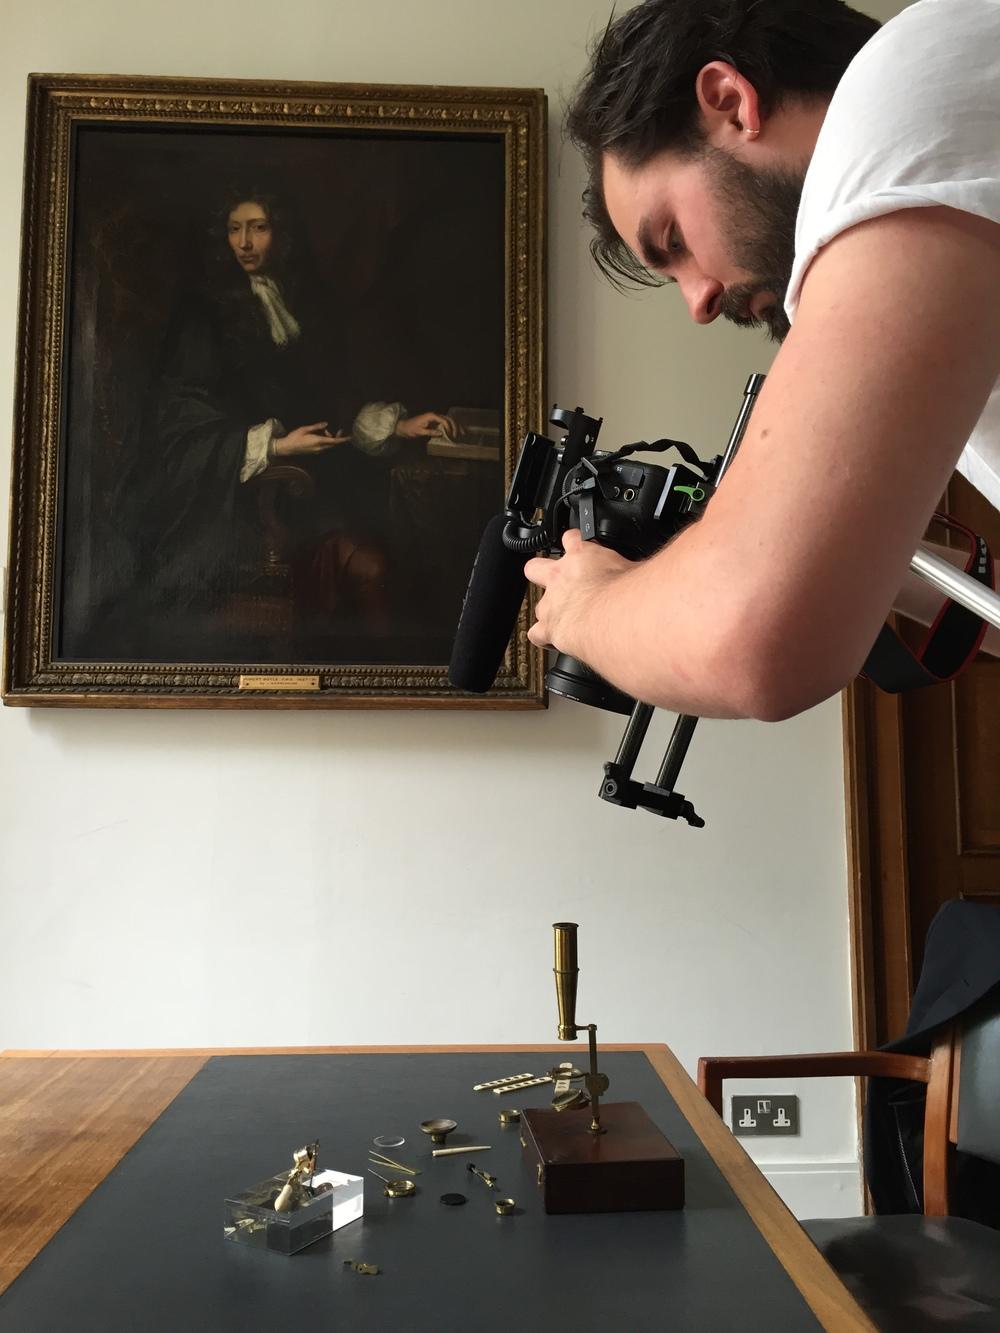 James films, Robert Boyle looks on